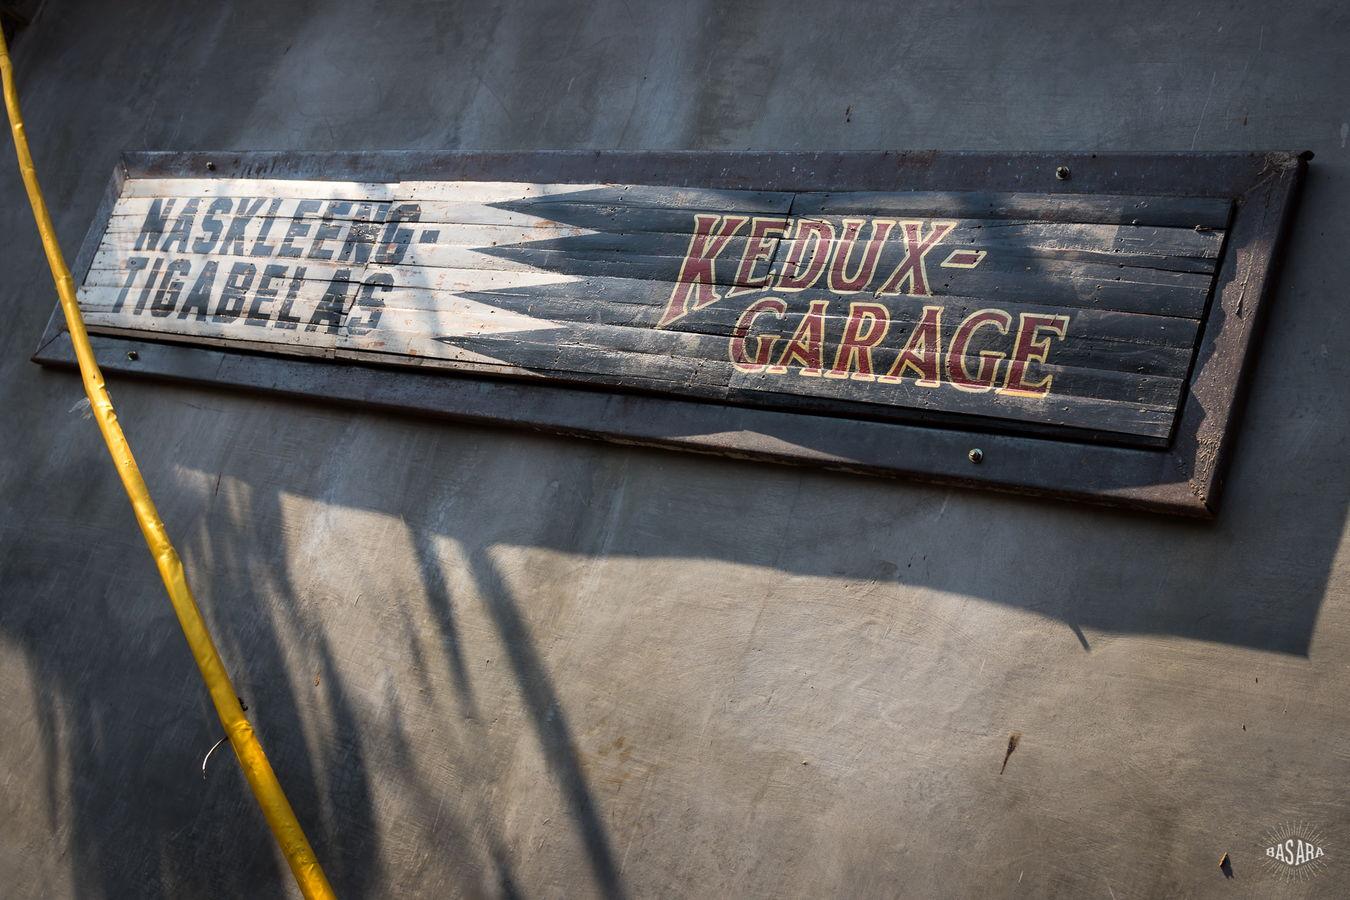 Kedux Garage – Naskleeng 13 – Bali